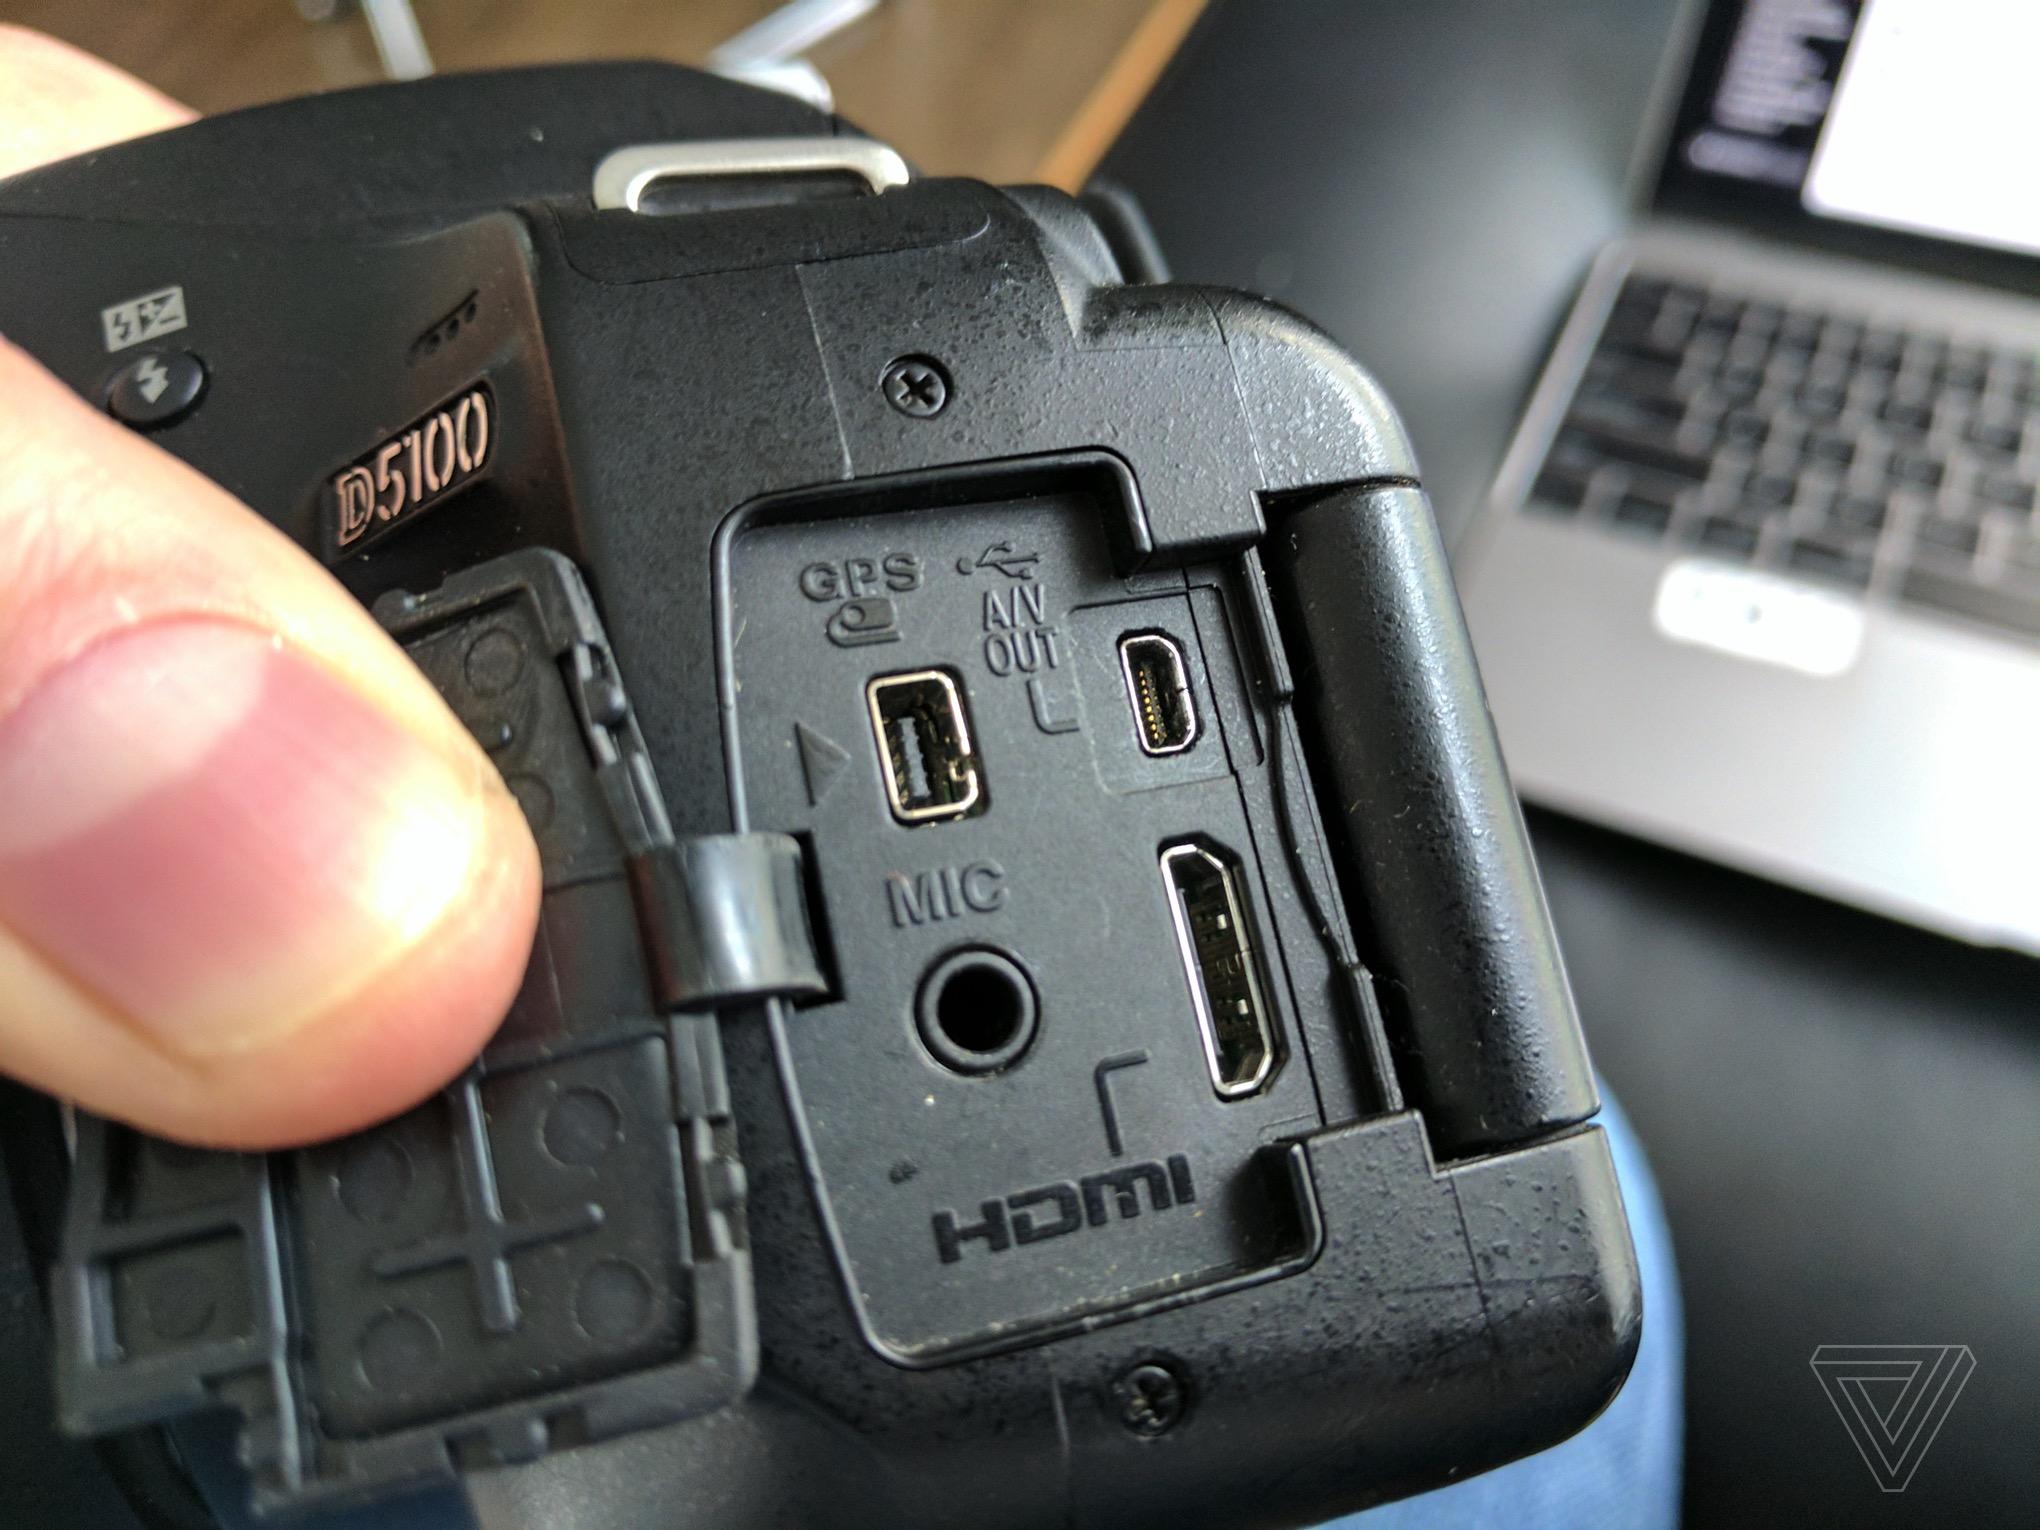 Nikon D5100 connectors